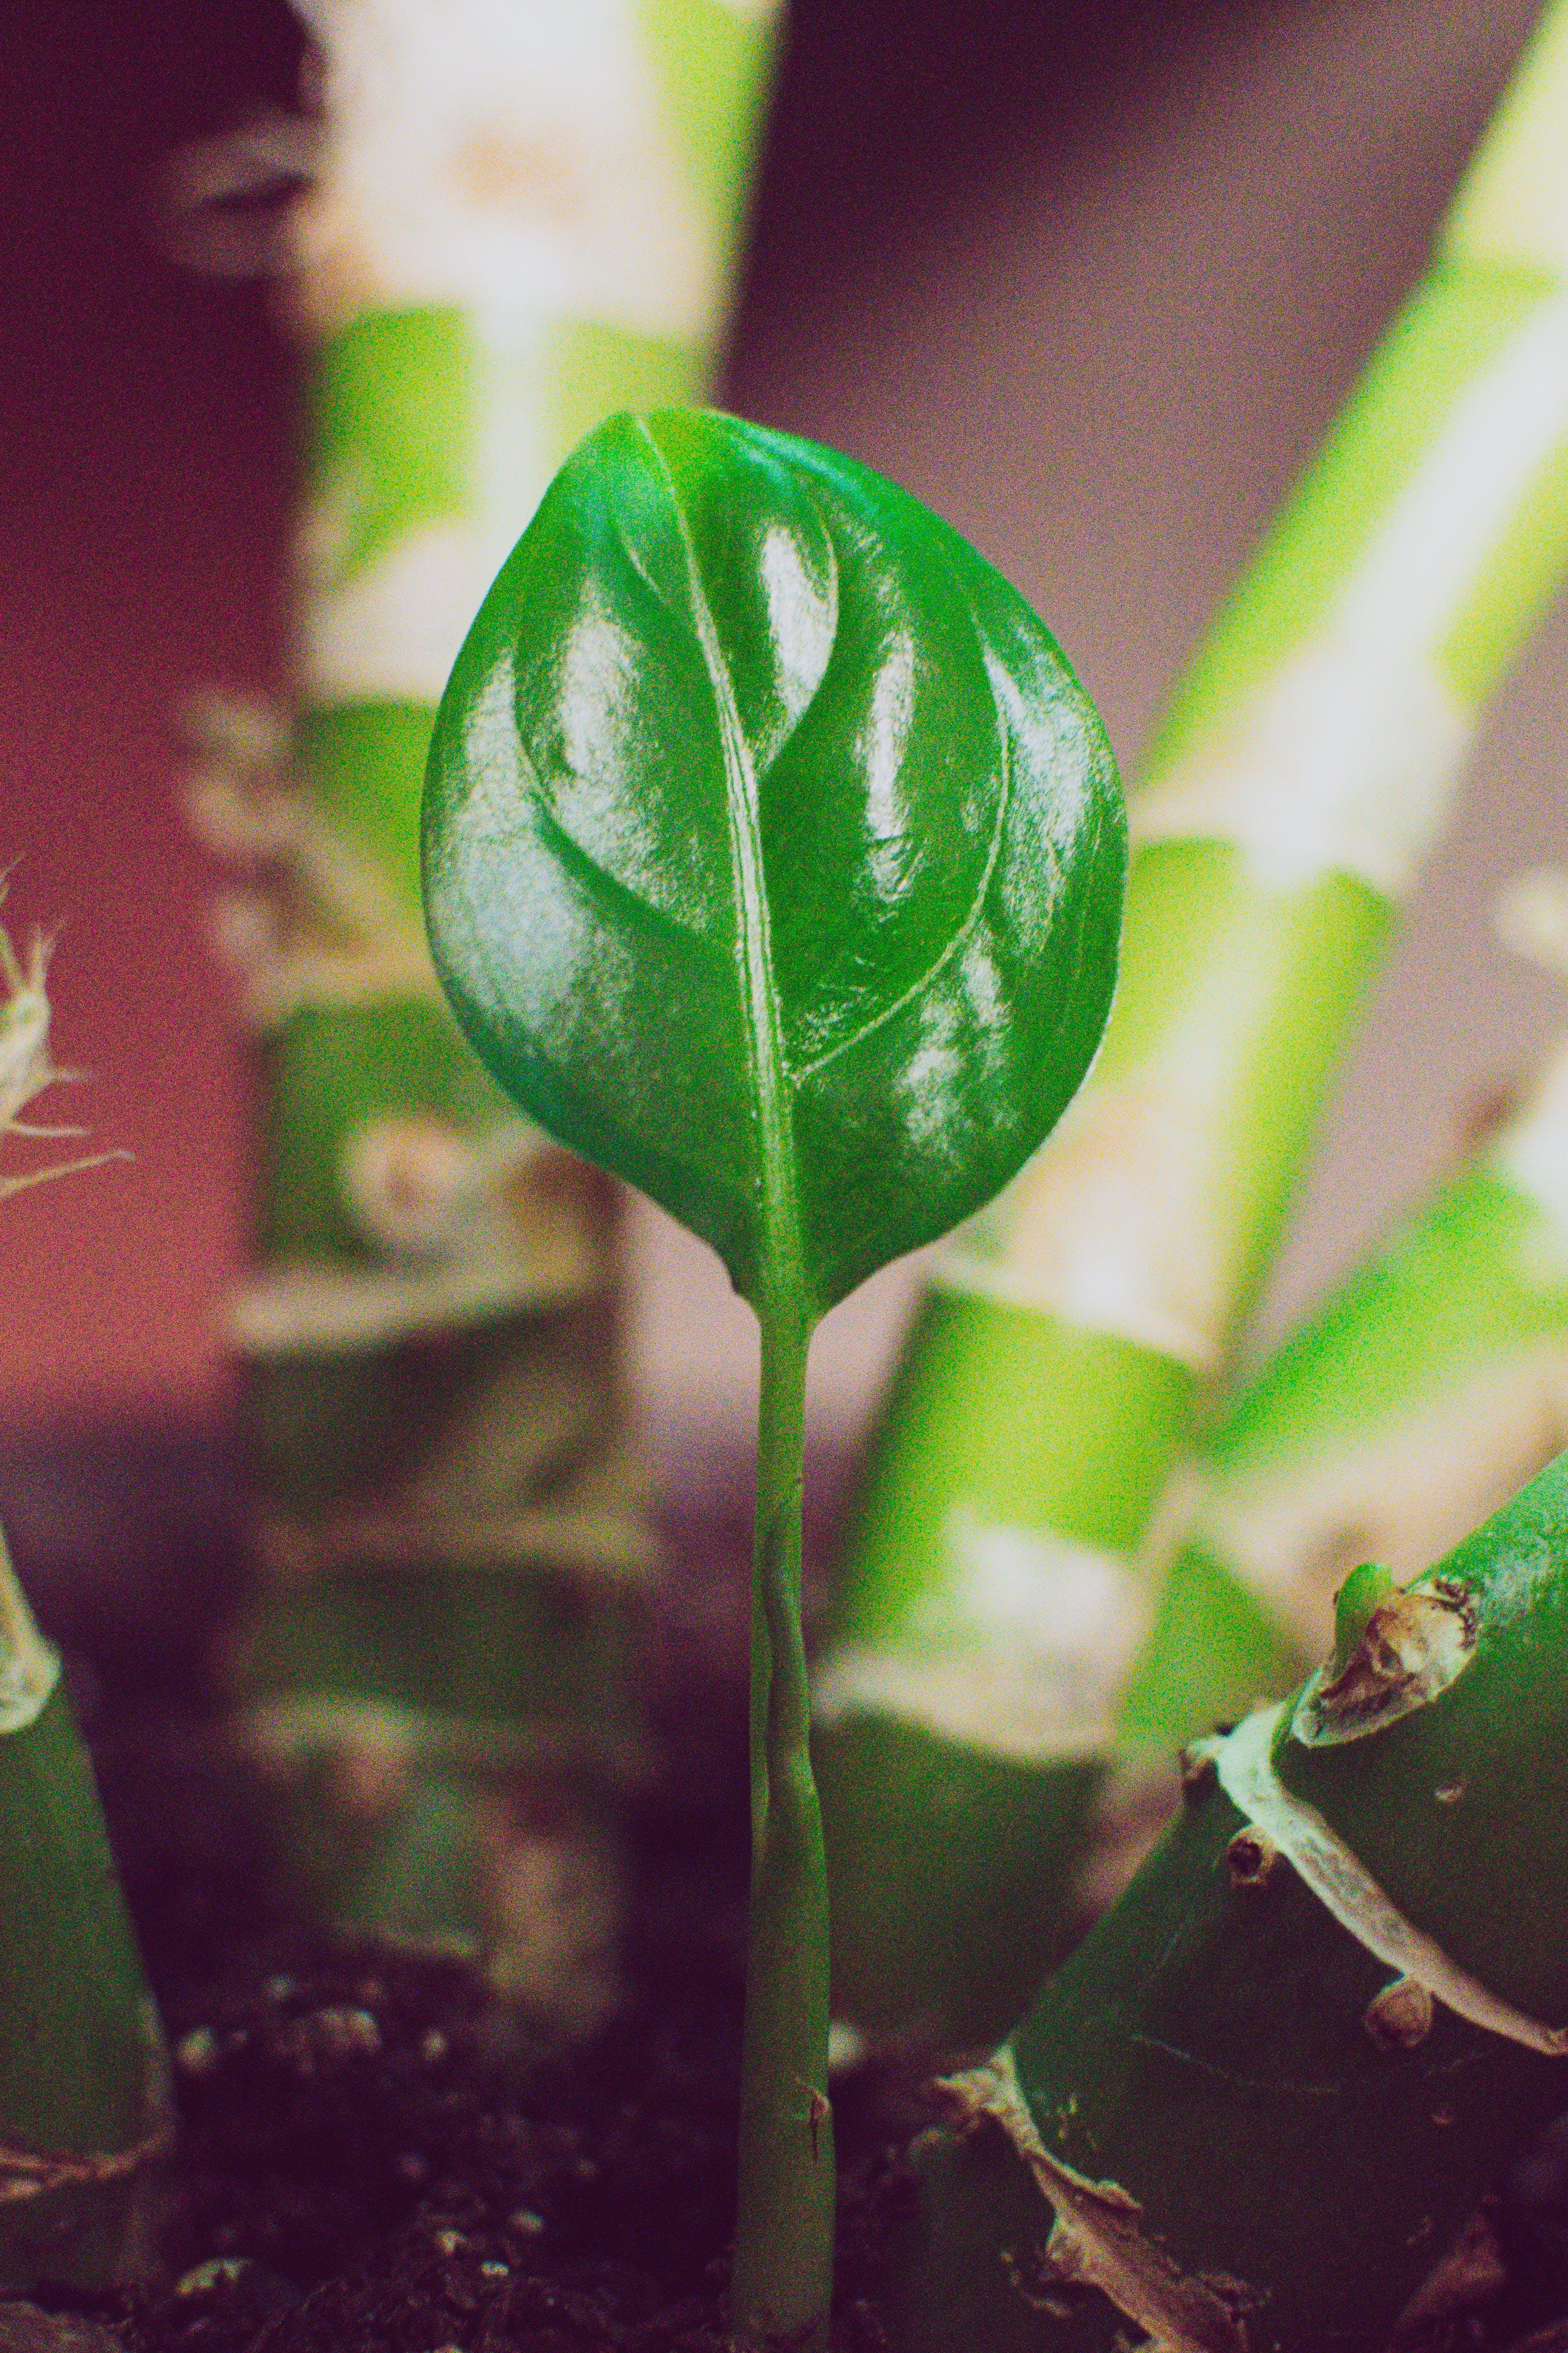 Ilmainen kuvapankkikuva tunnisteilla kasvi, kasvu, kattila, kevyt